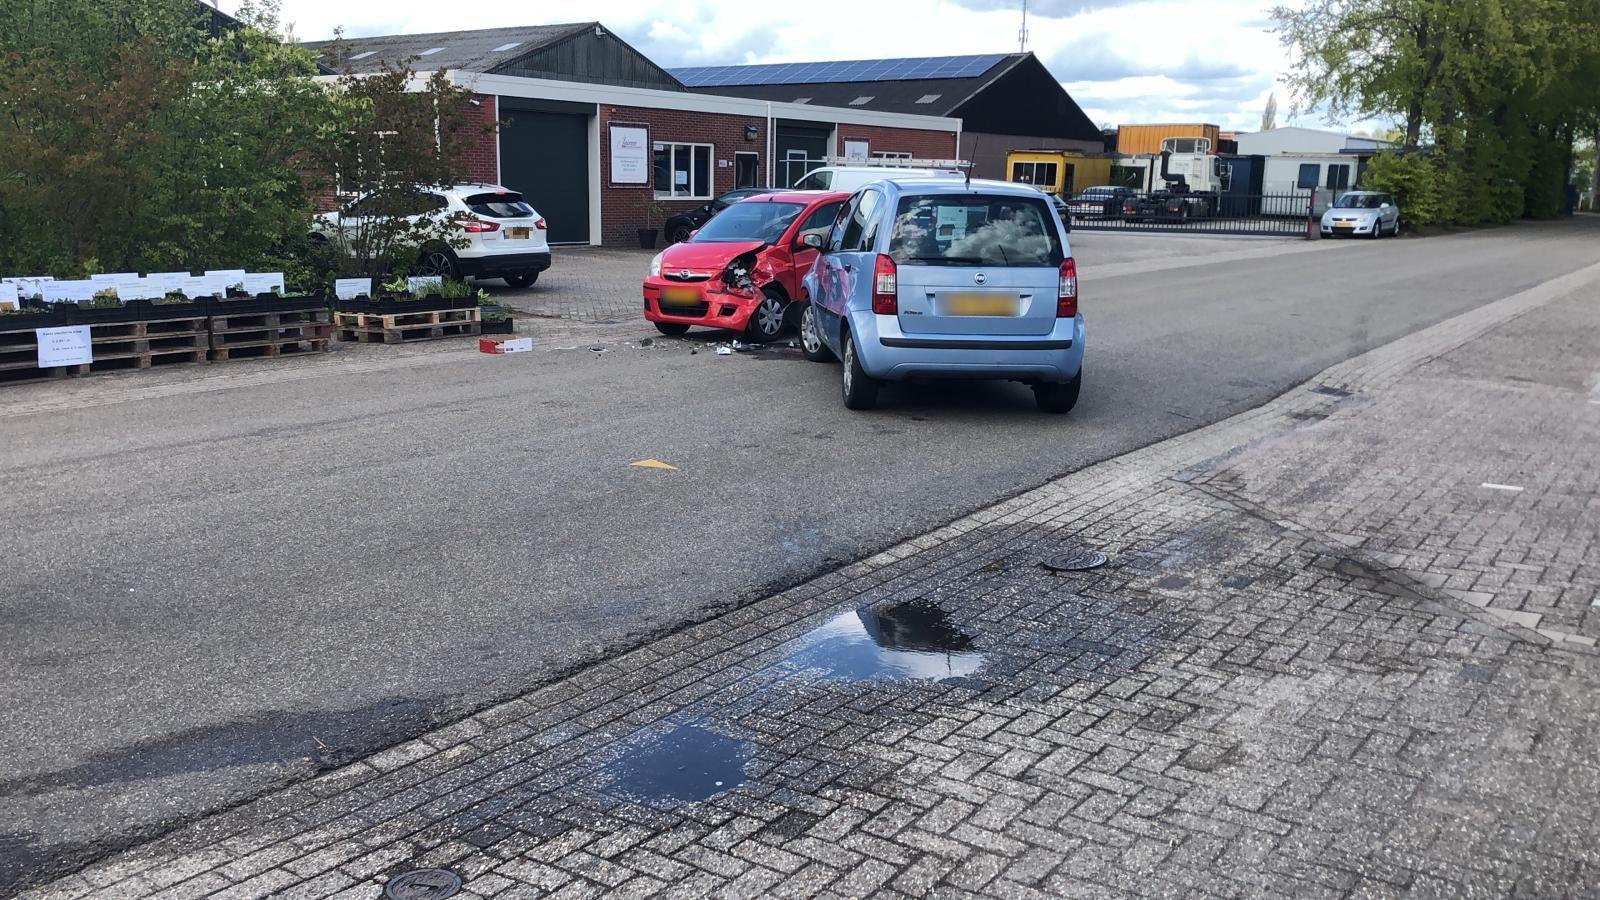 Na een ongeval in de Goldkampstraat in Dalfsen werden twee auto's afgesleept.